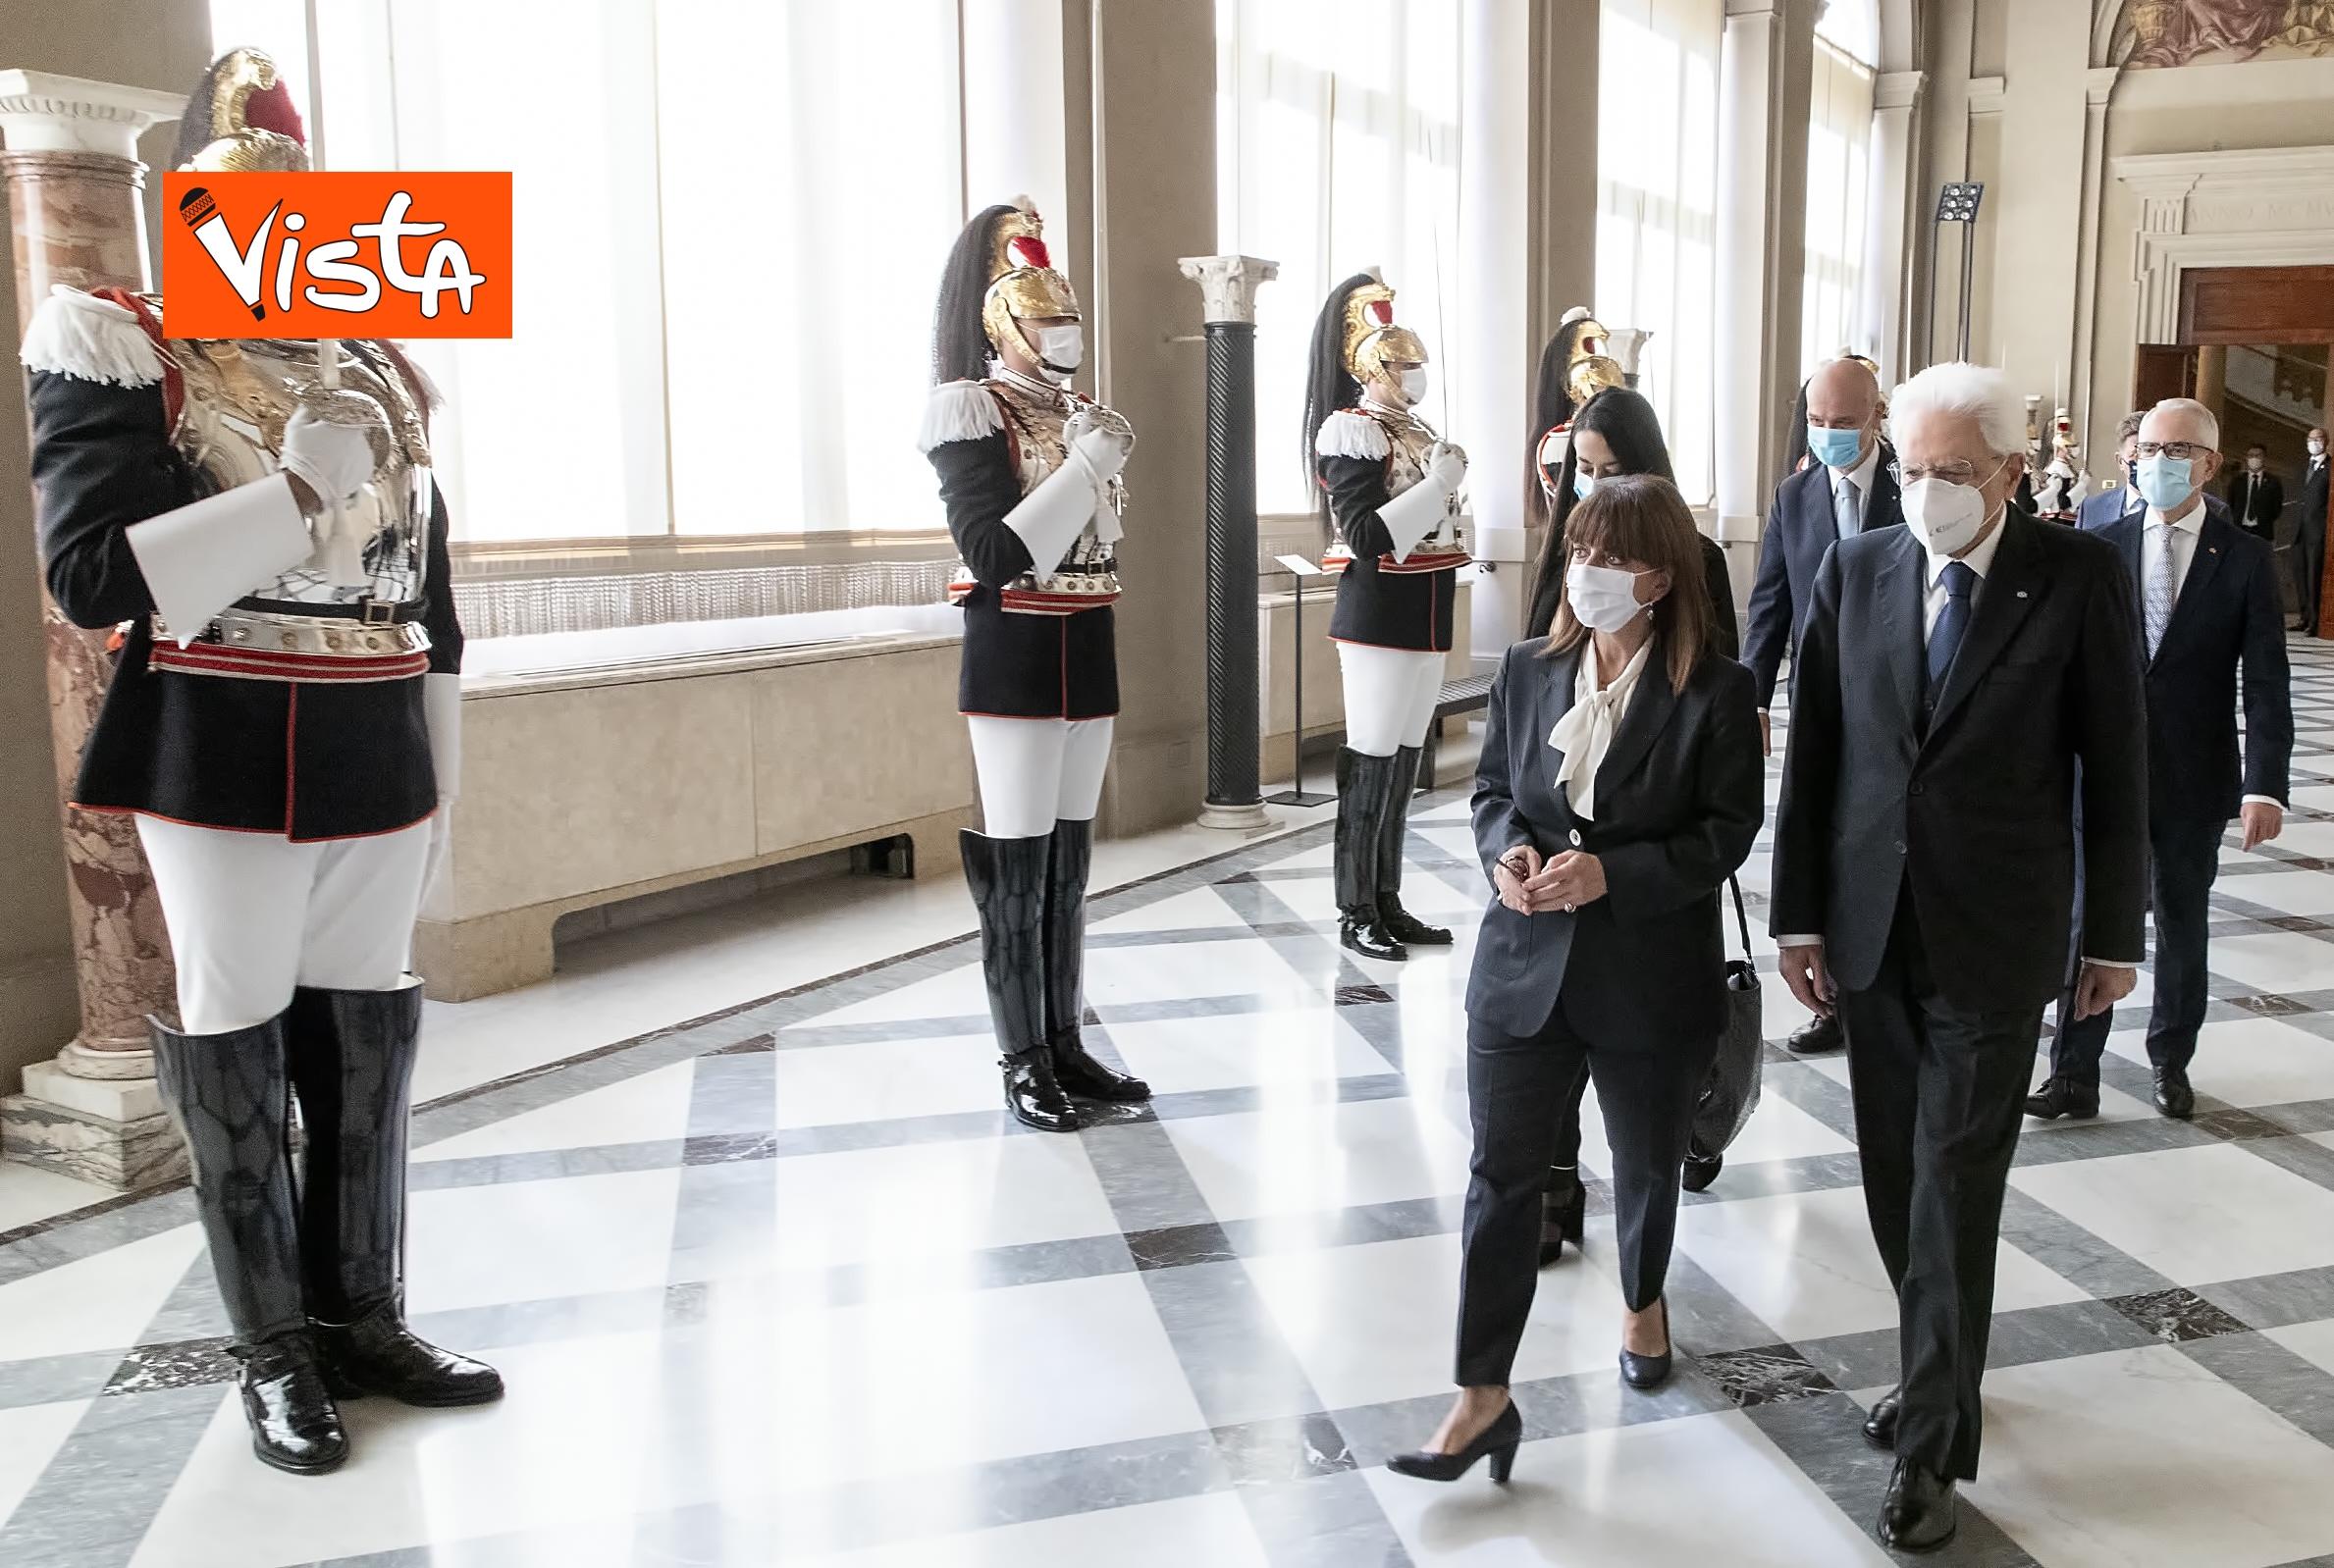 09-10-20 Mattarella riceve la Presidente della Repubblica Ellenica Sakellaropoulou, le immagini_09